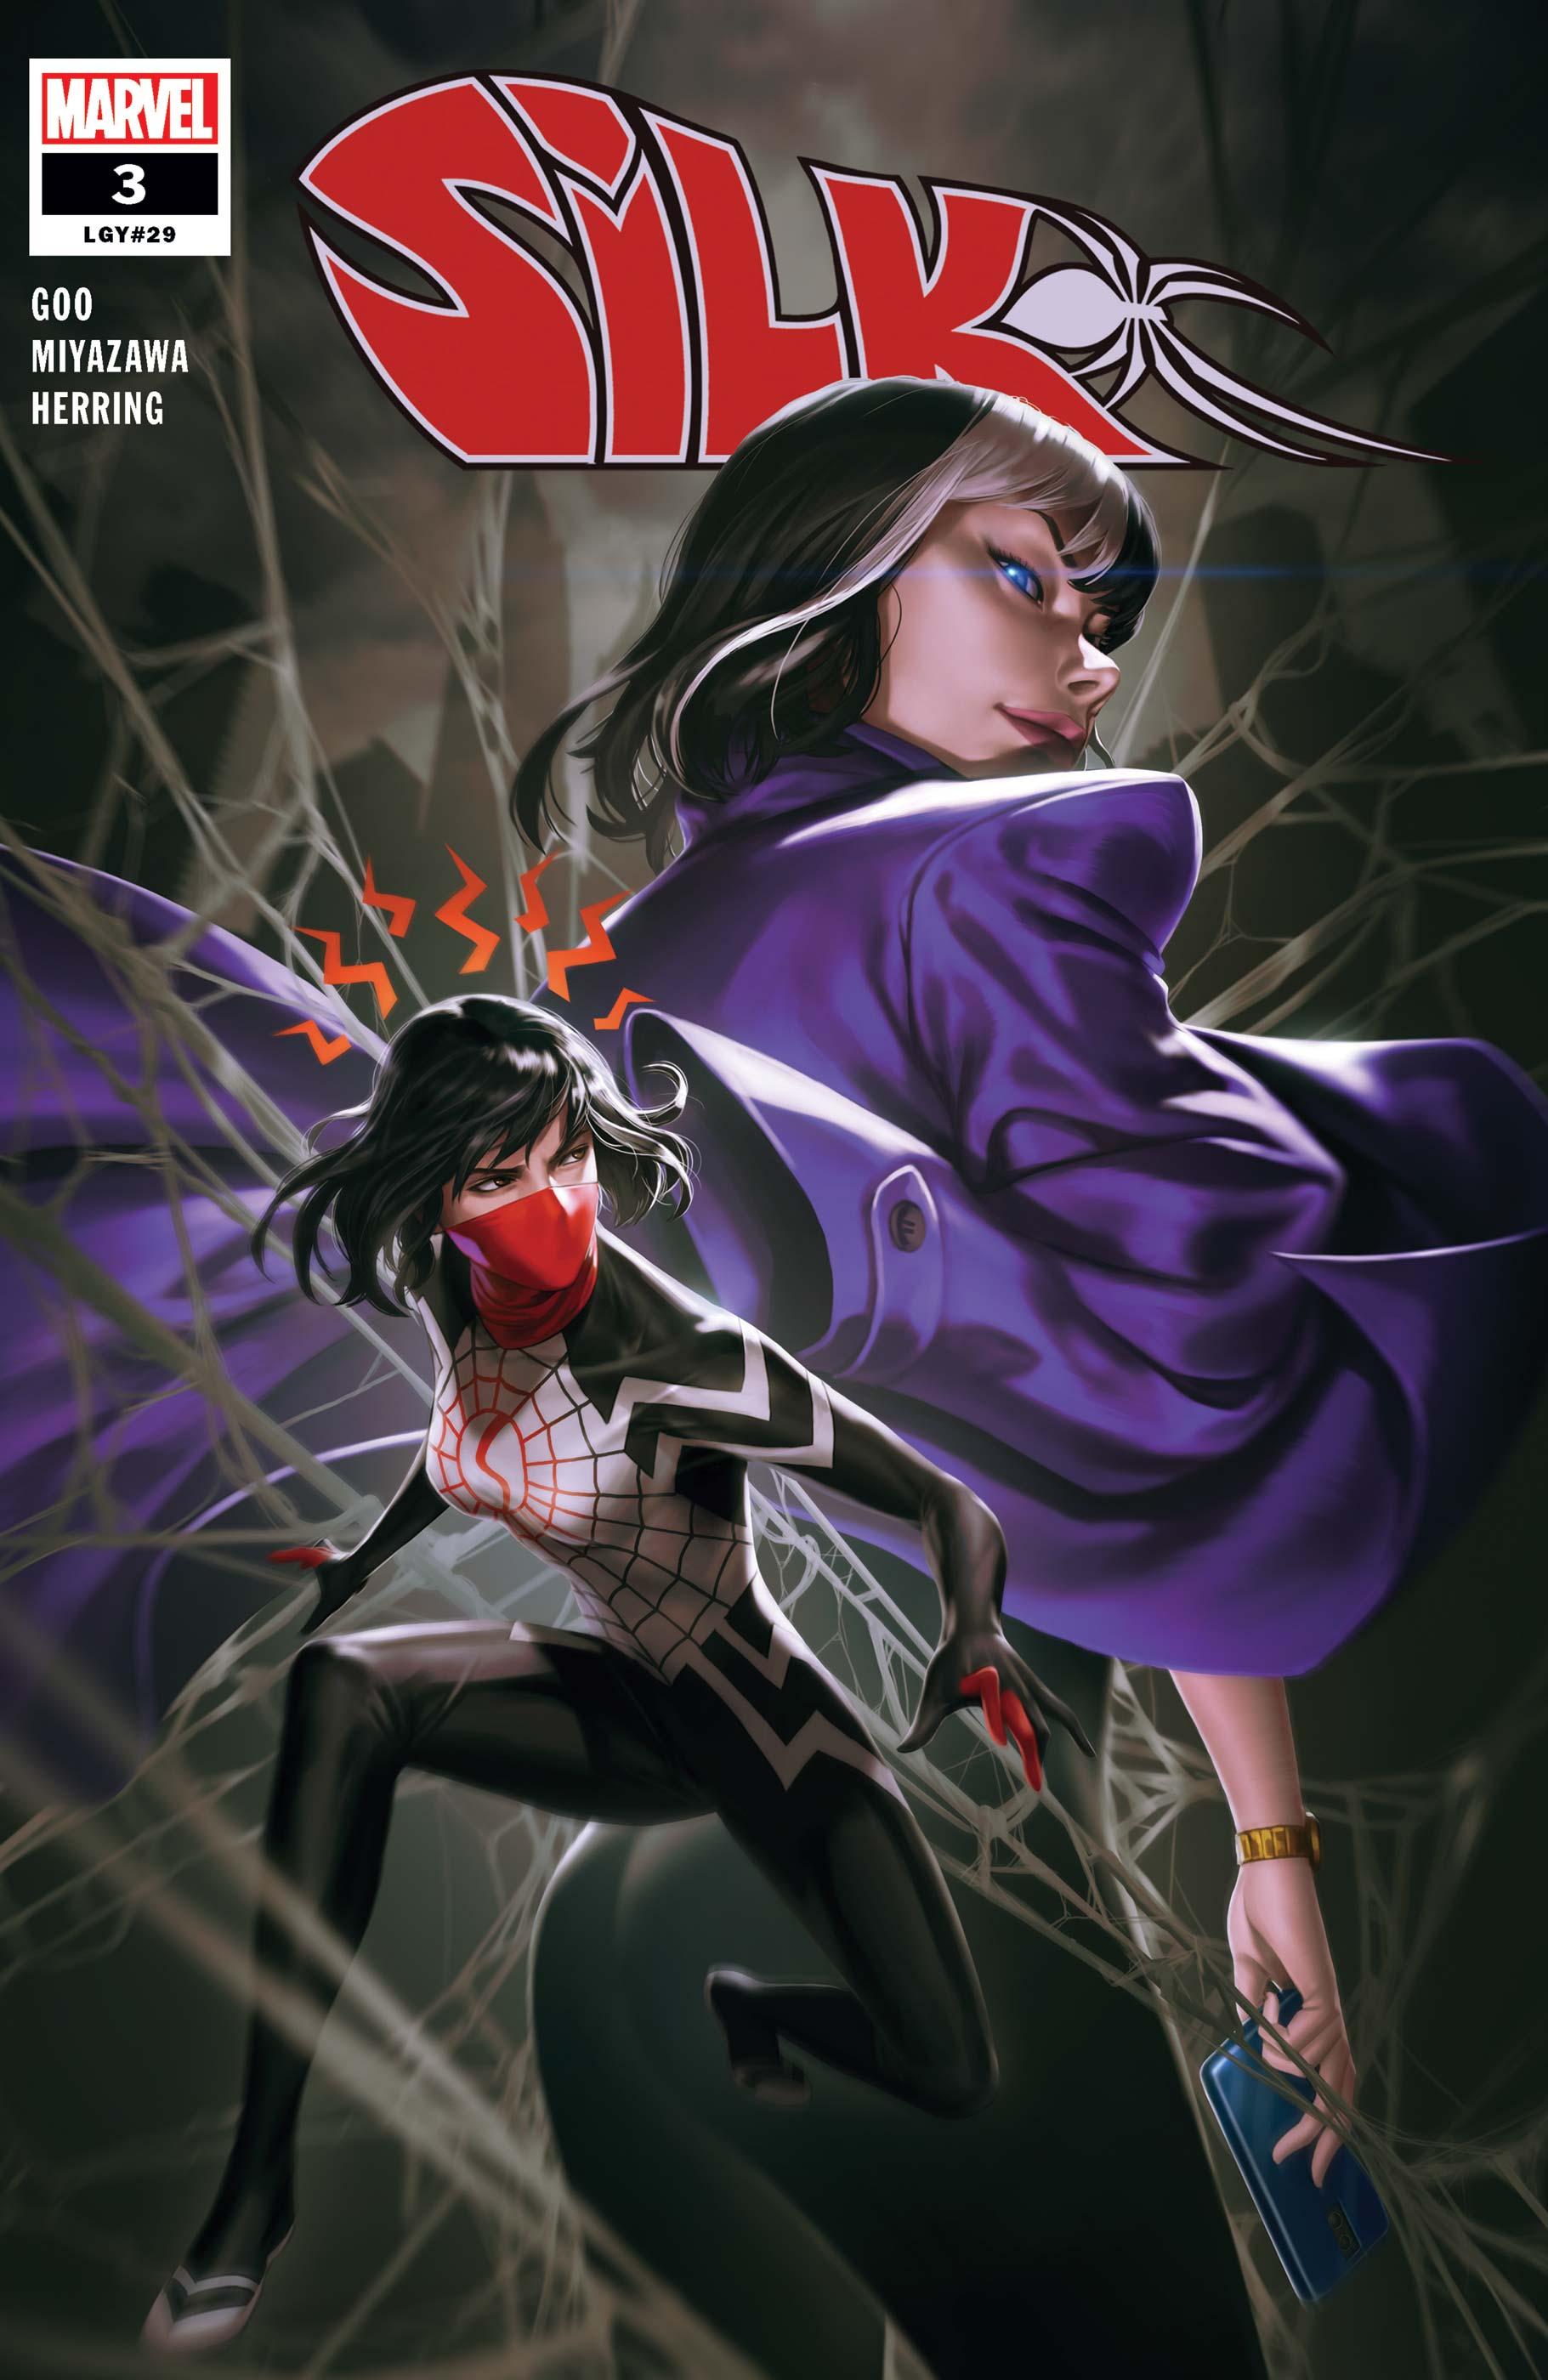 Silk (2021) #3